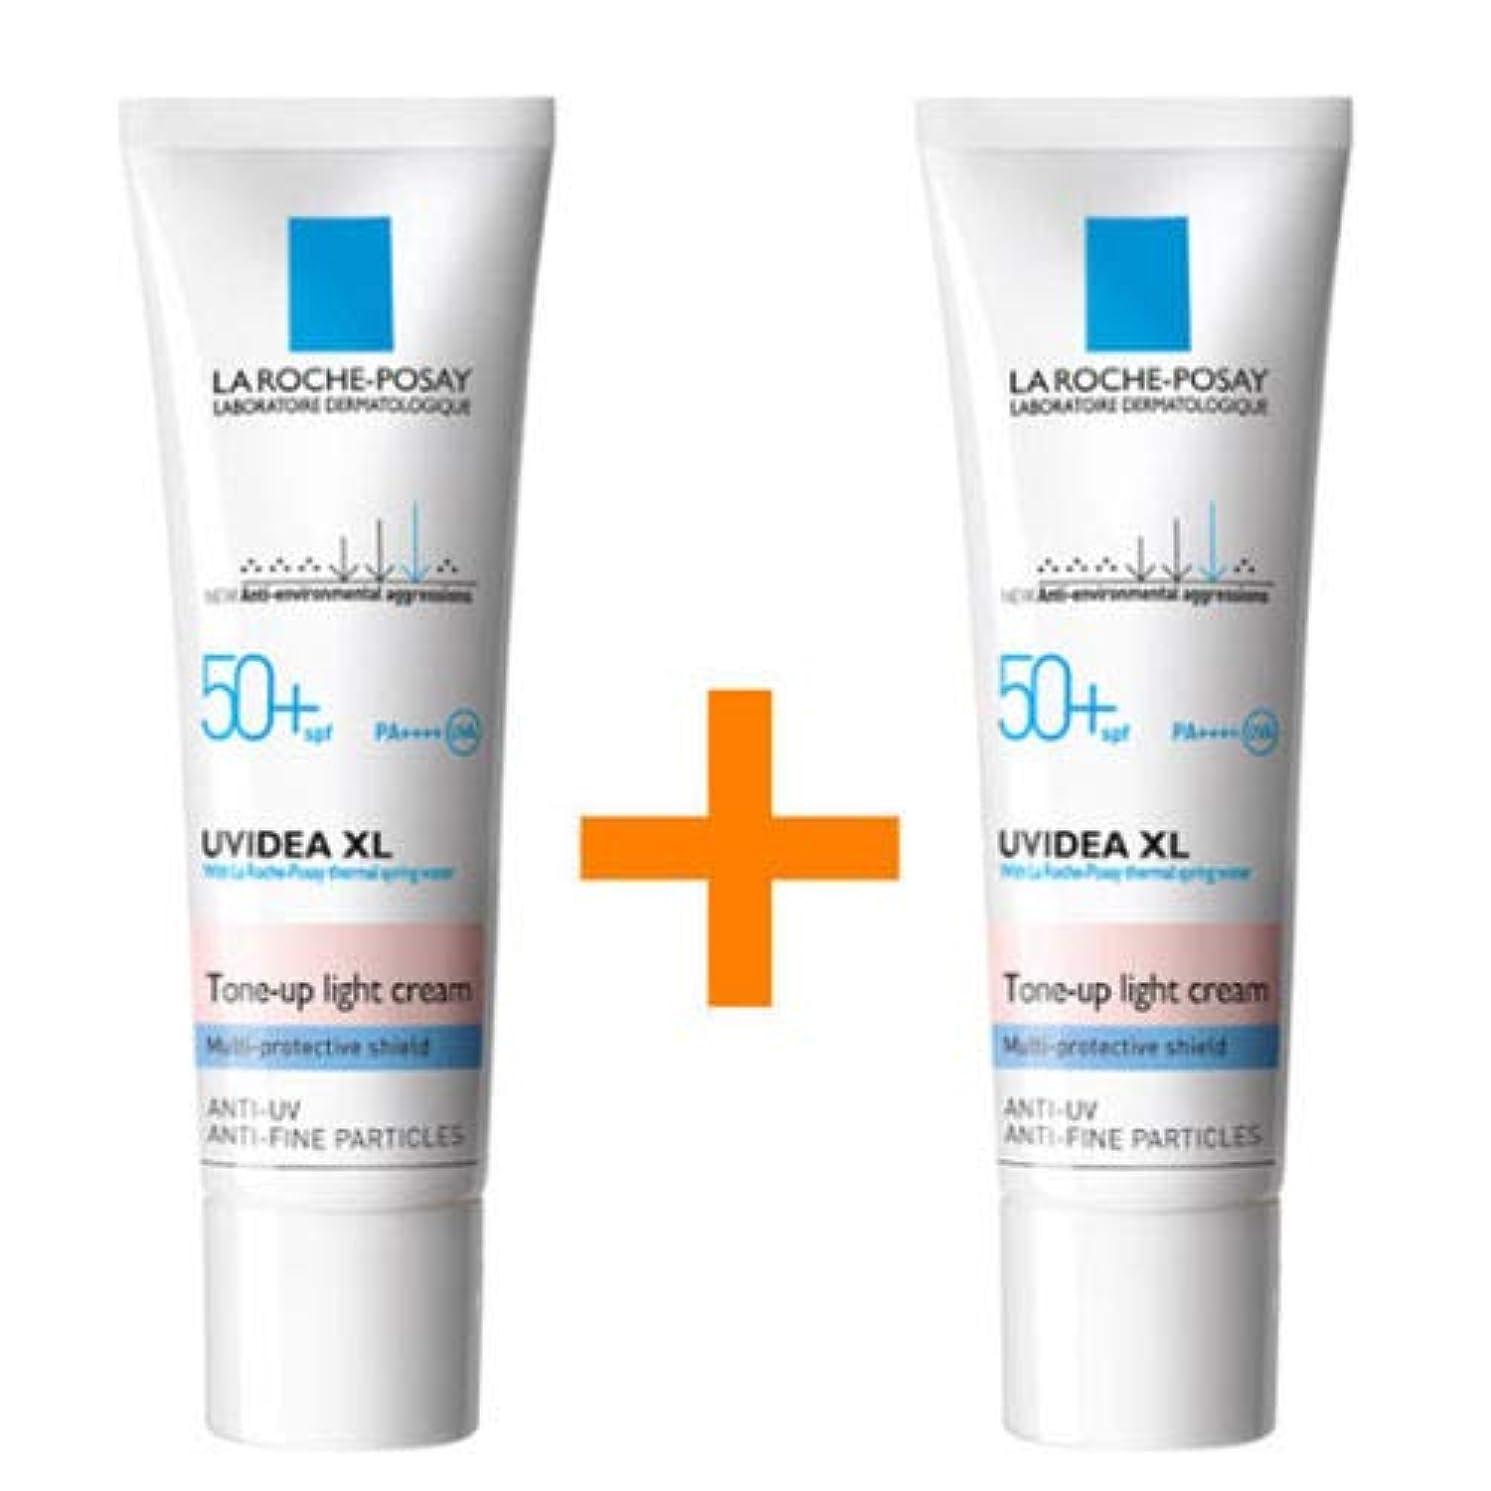 テラス面懐疑論[1+1] La Roche-Posay ラロッシュポゼ UVイデア XL プロテクショントーンアップ Uvidea XL Tone-up Light Cream (30ml)